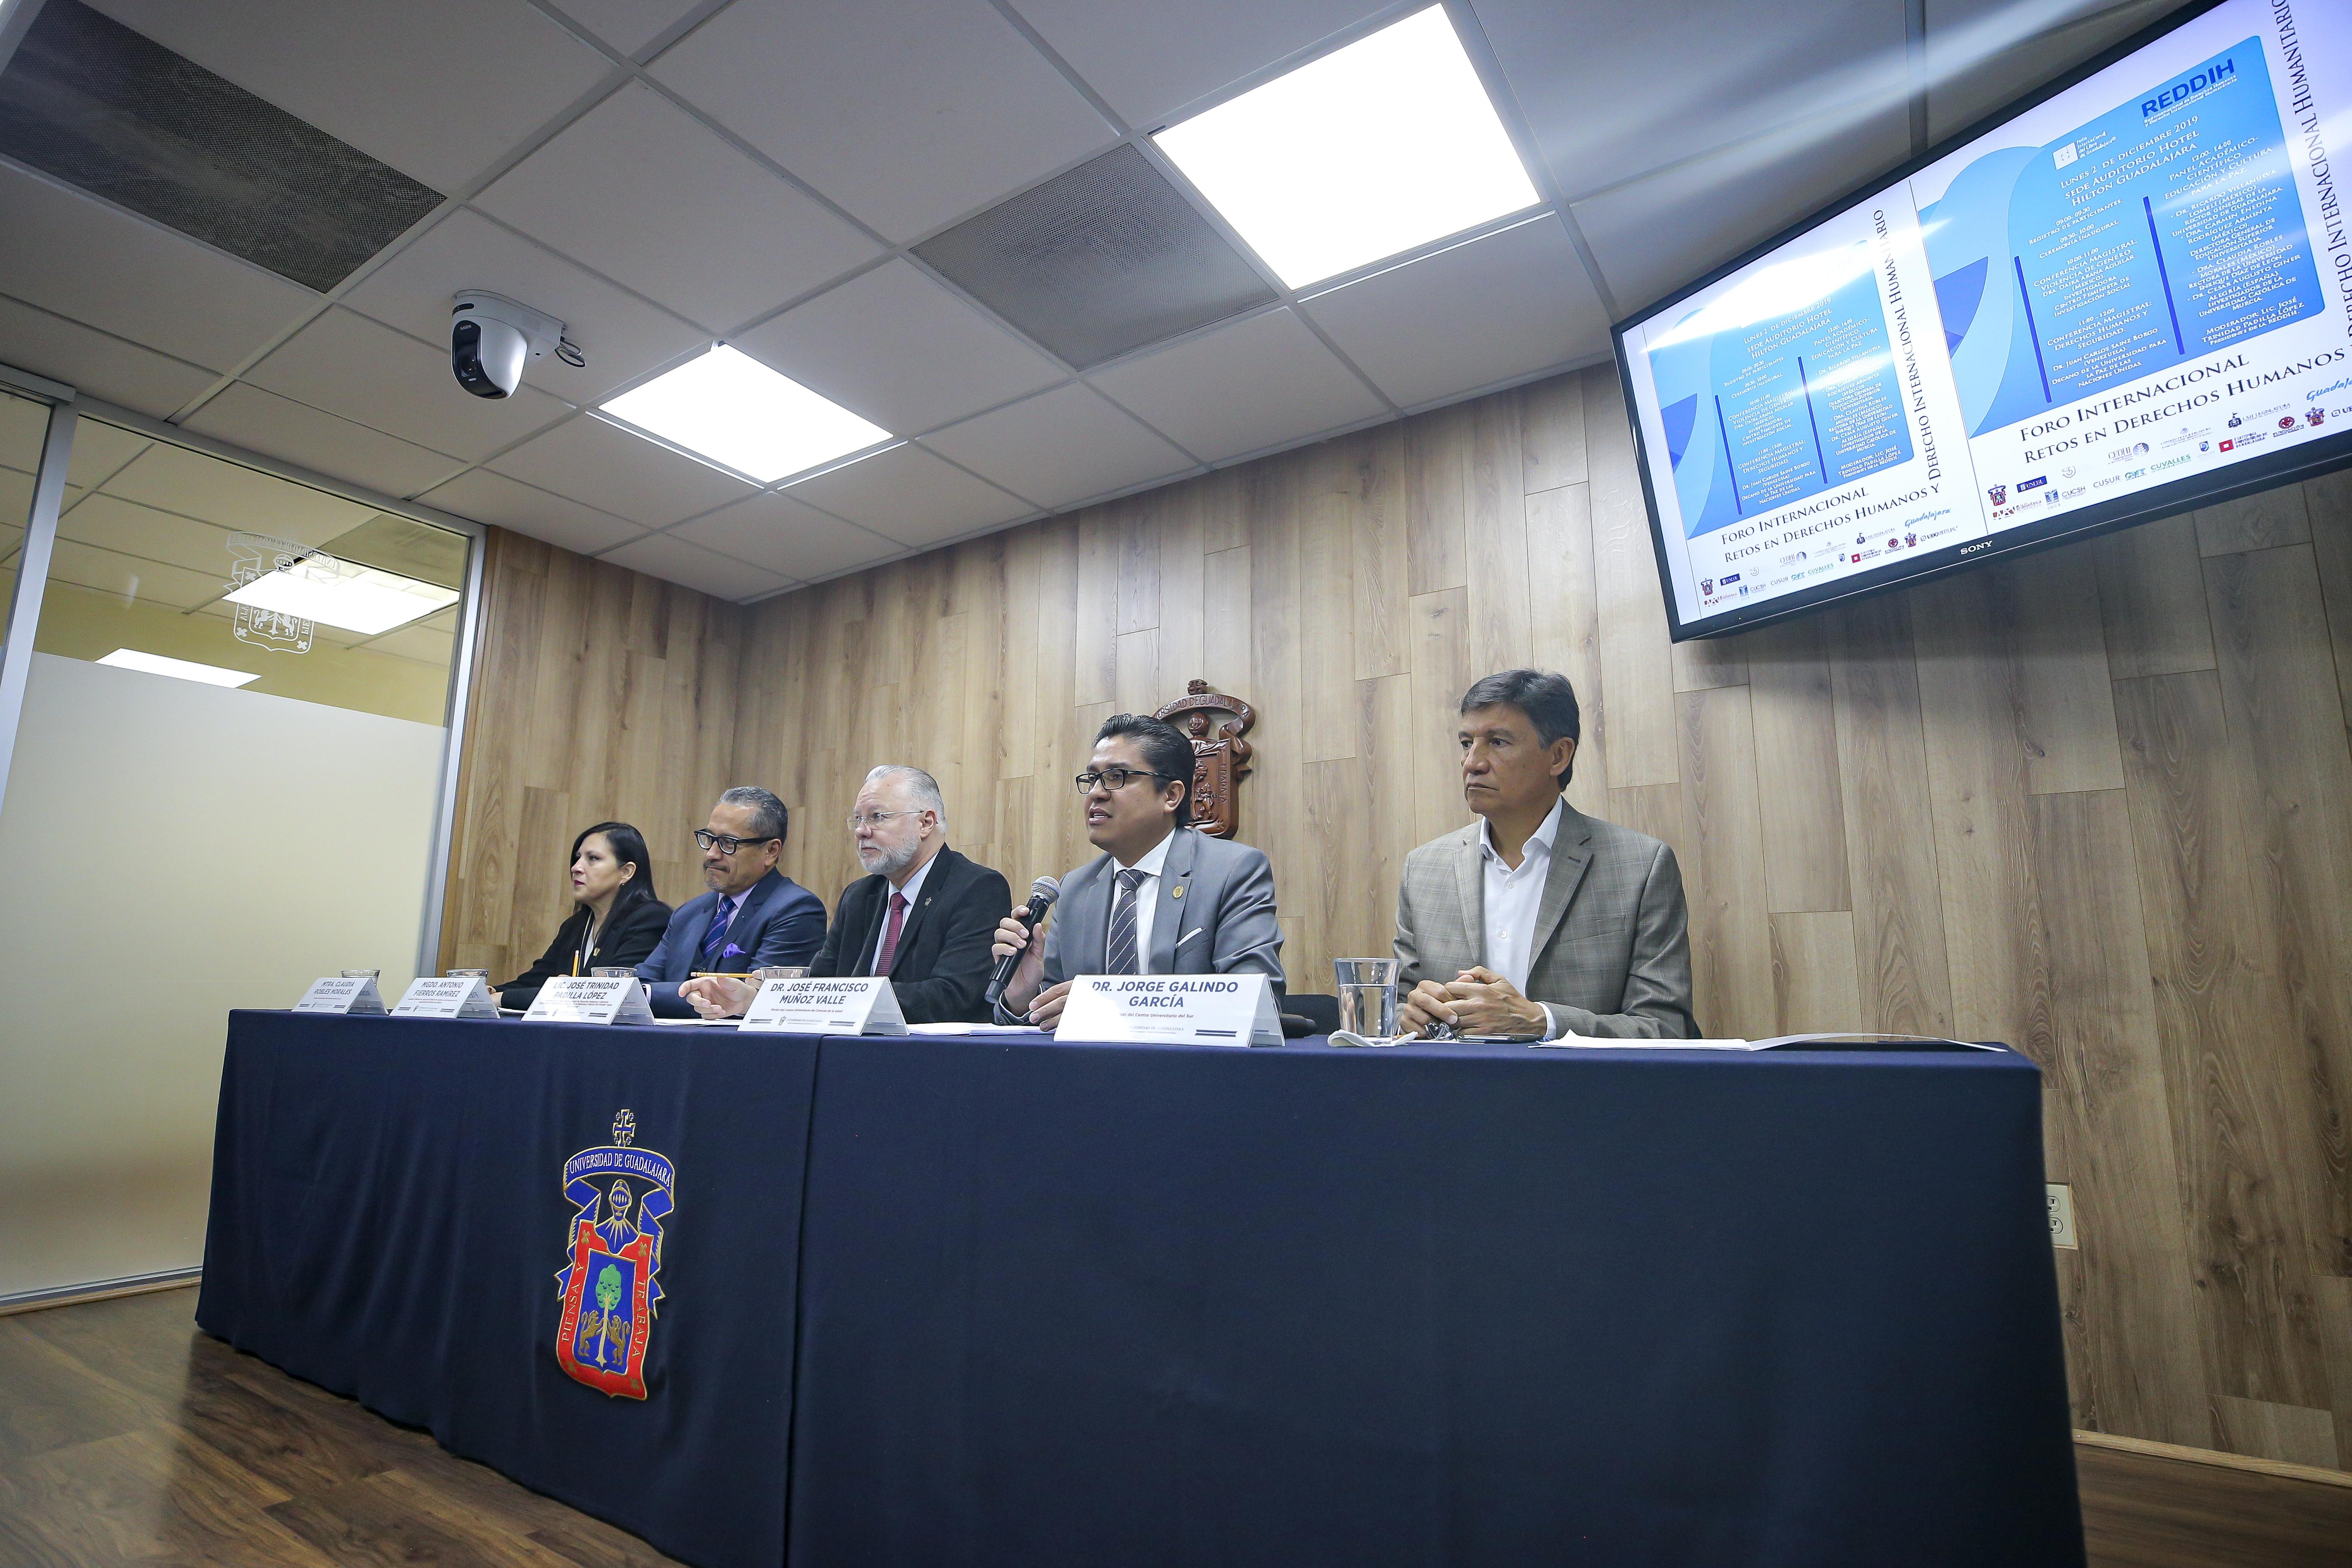 Miembros del presídium, rector CUCS tomando la palabra, toma de costado